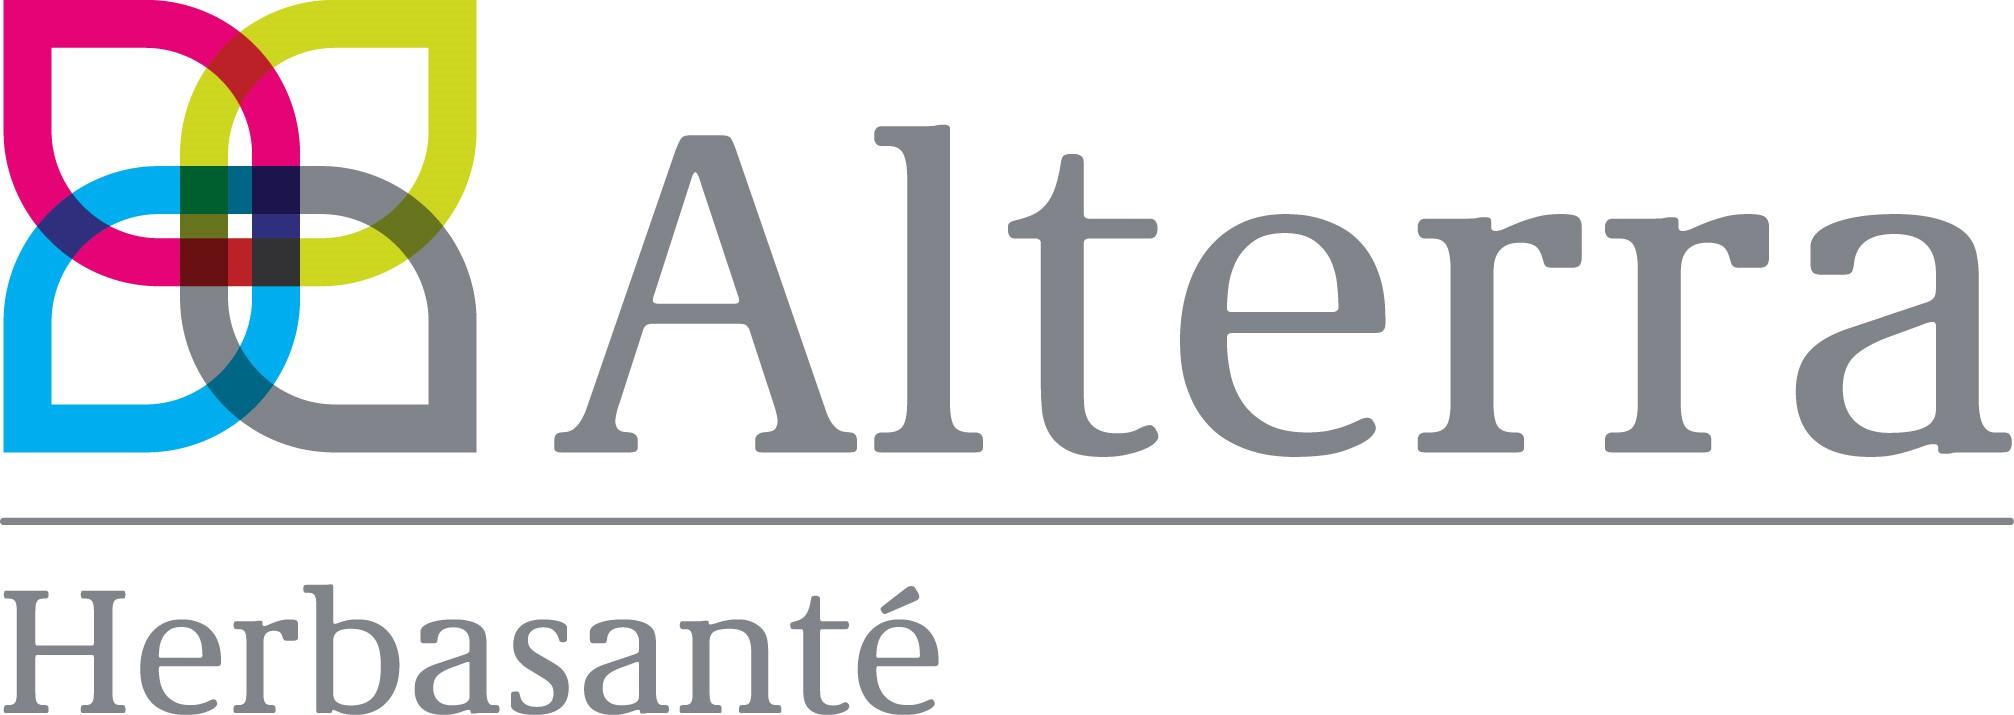 Herbasanté Inc.